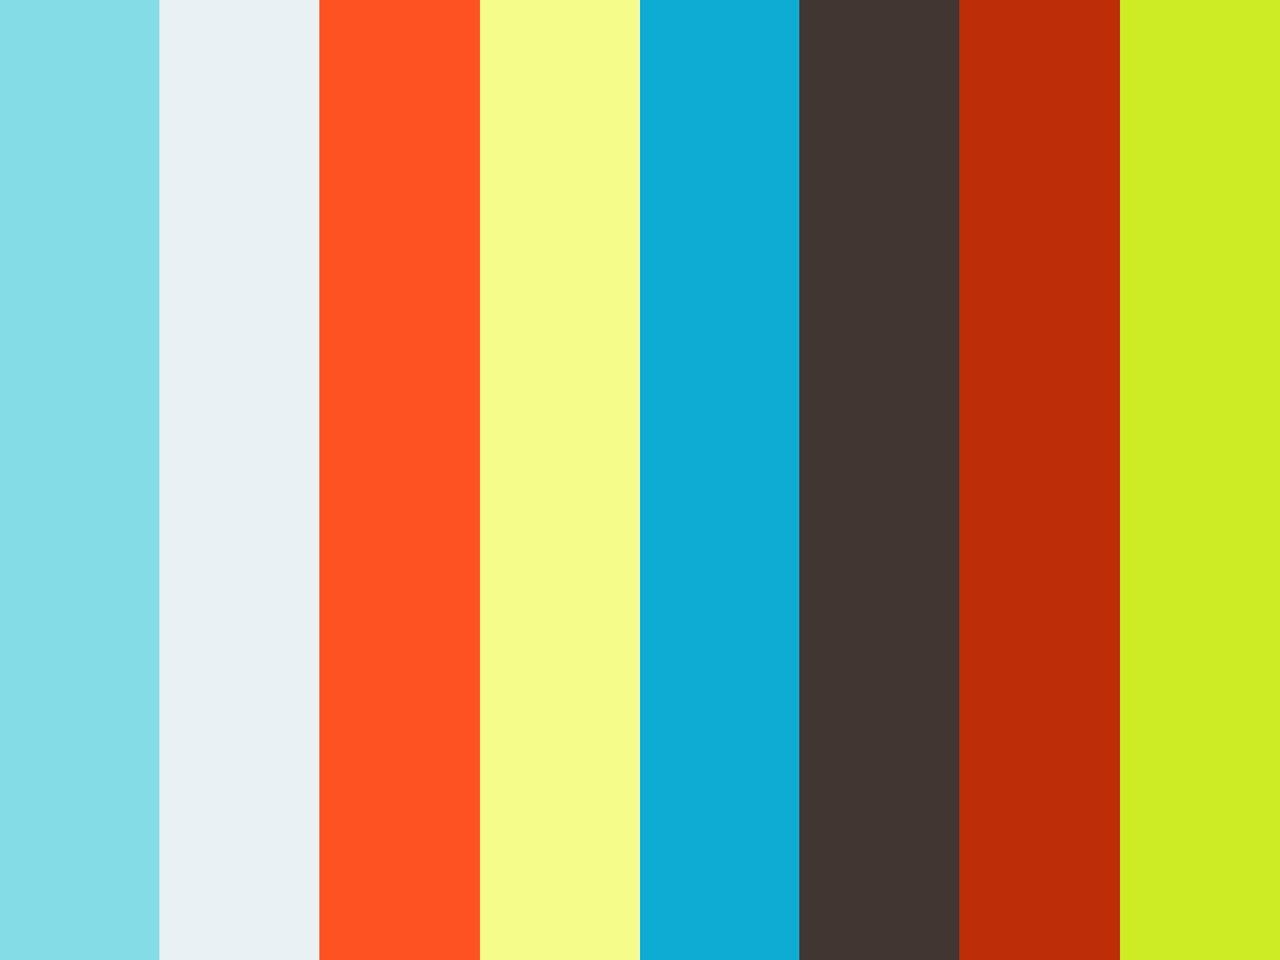 kinoraw timelapse: HDR tonemap